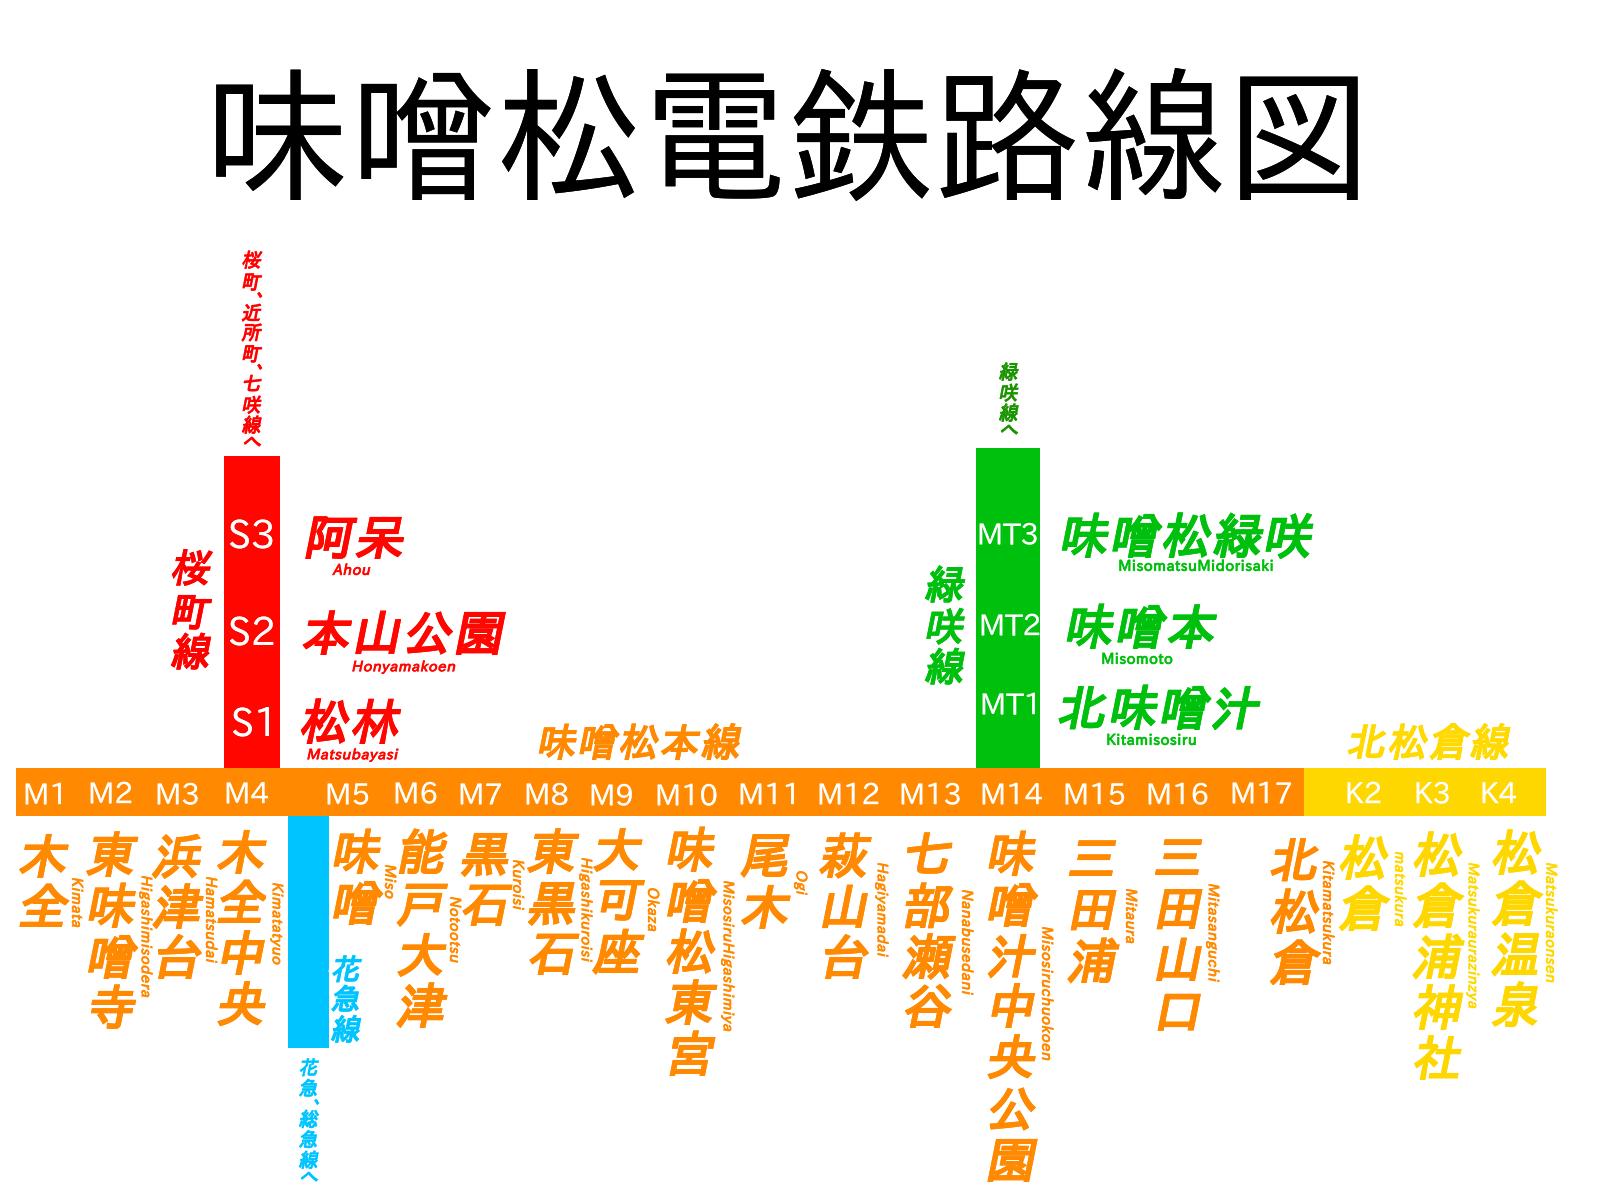 味噌松電鉄路線図(更新版).png